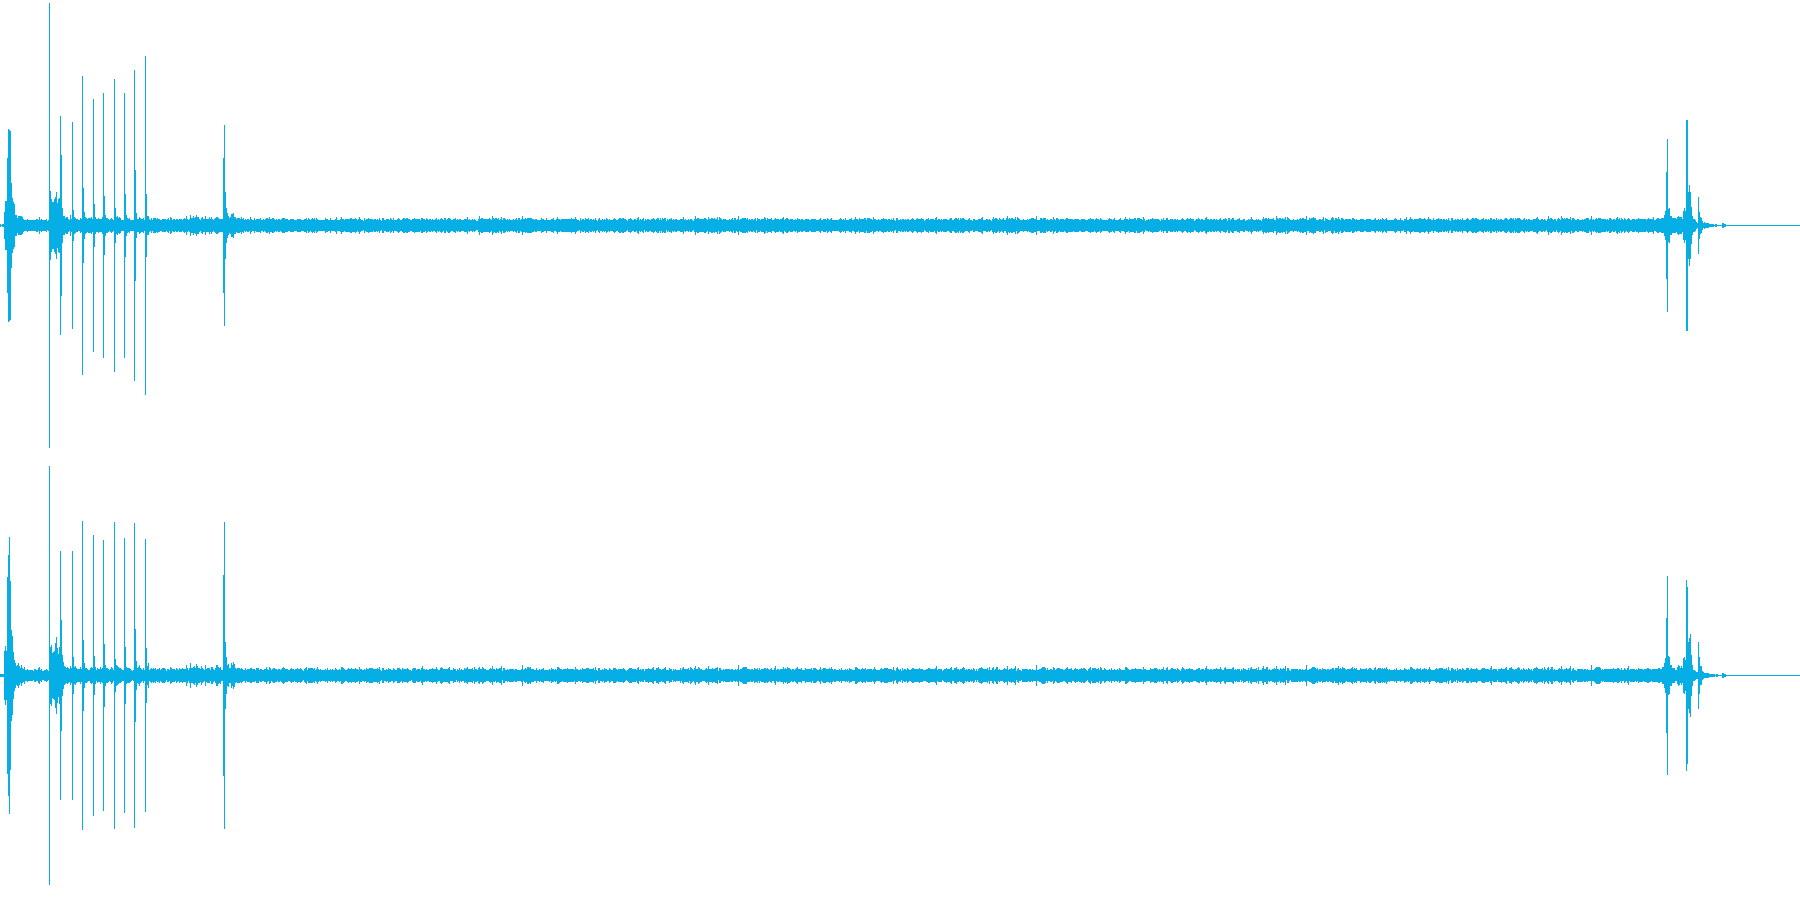 ガチャ!シュー☆ガスコンロの音 ロング2の再生済みの波形